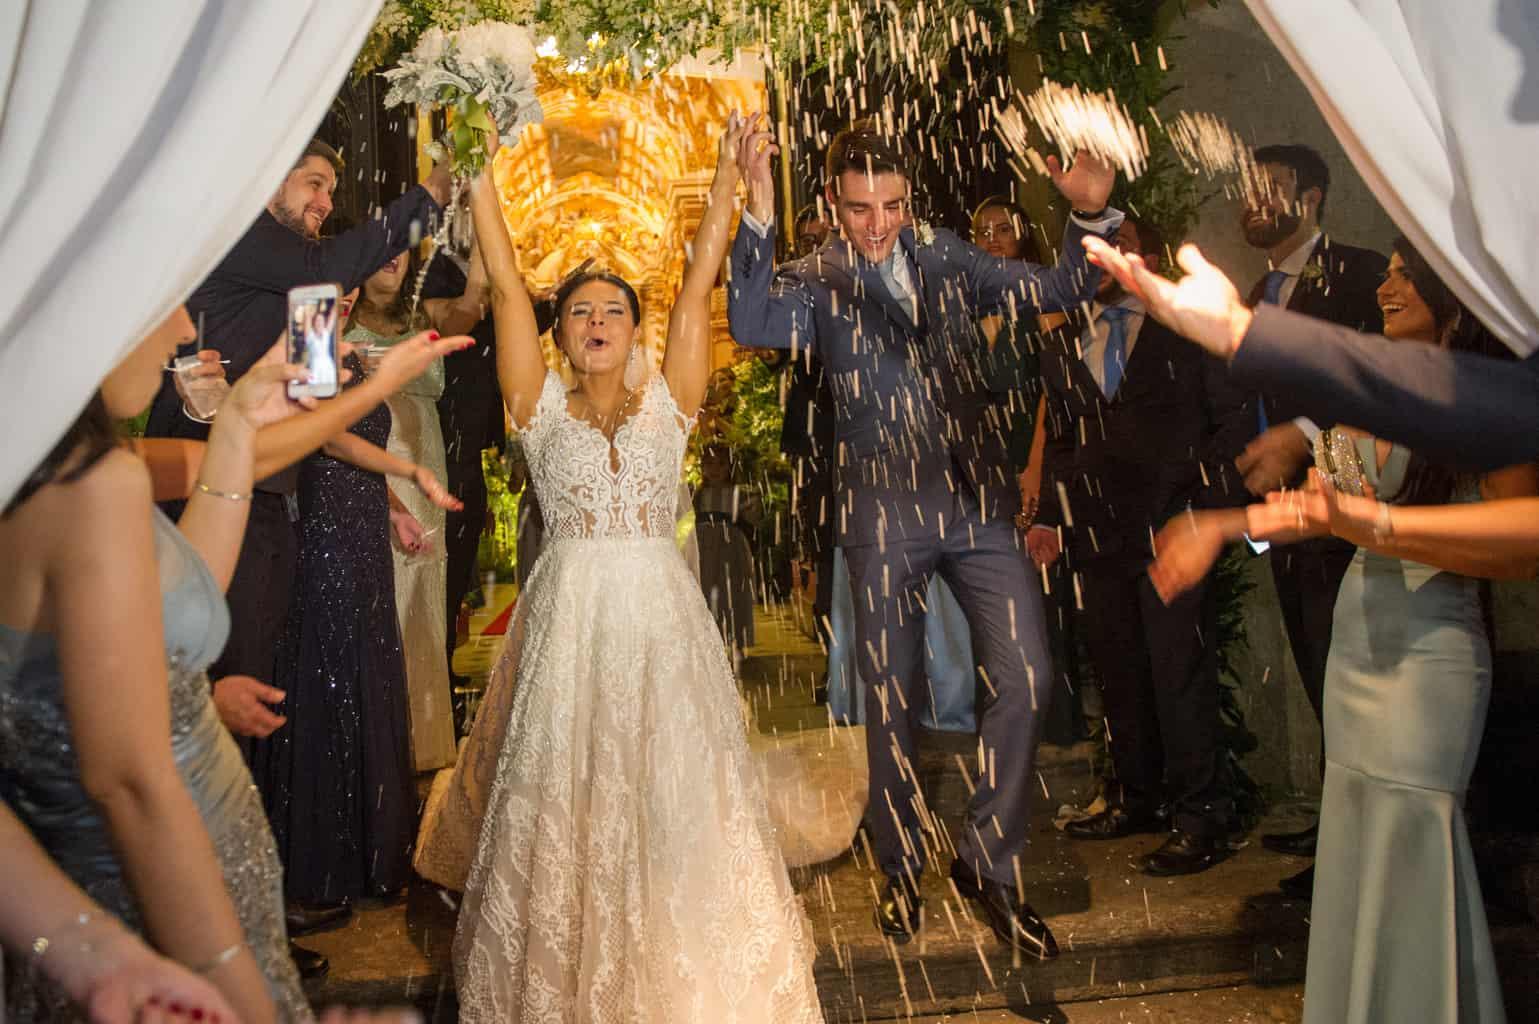 casamenot-Carolina-e-Thiago-casamento-clássico-Rio-de-Janeiro-Fotografia-Marina-Fava6